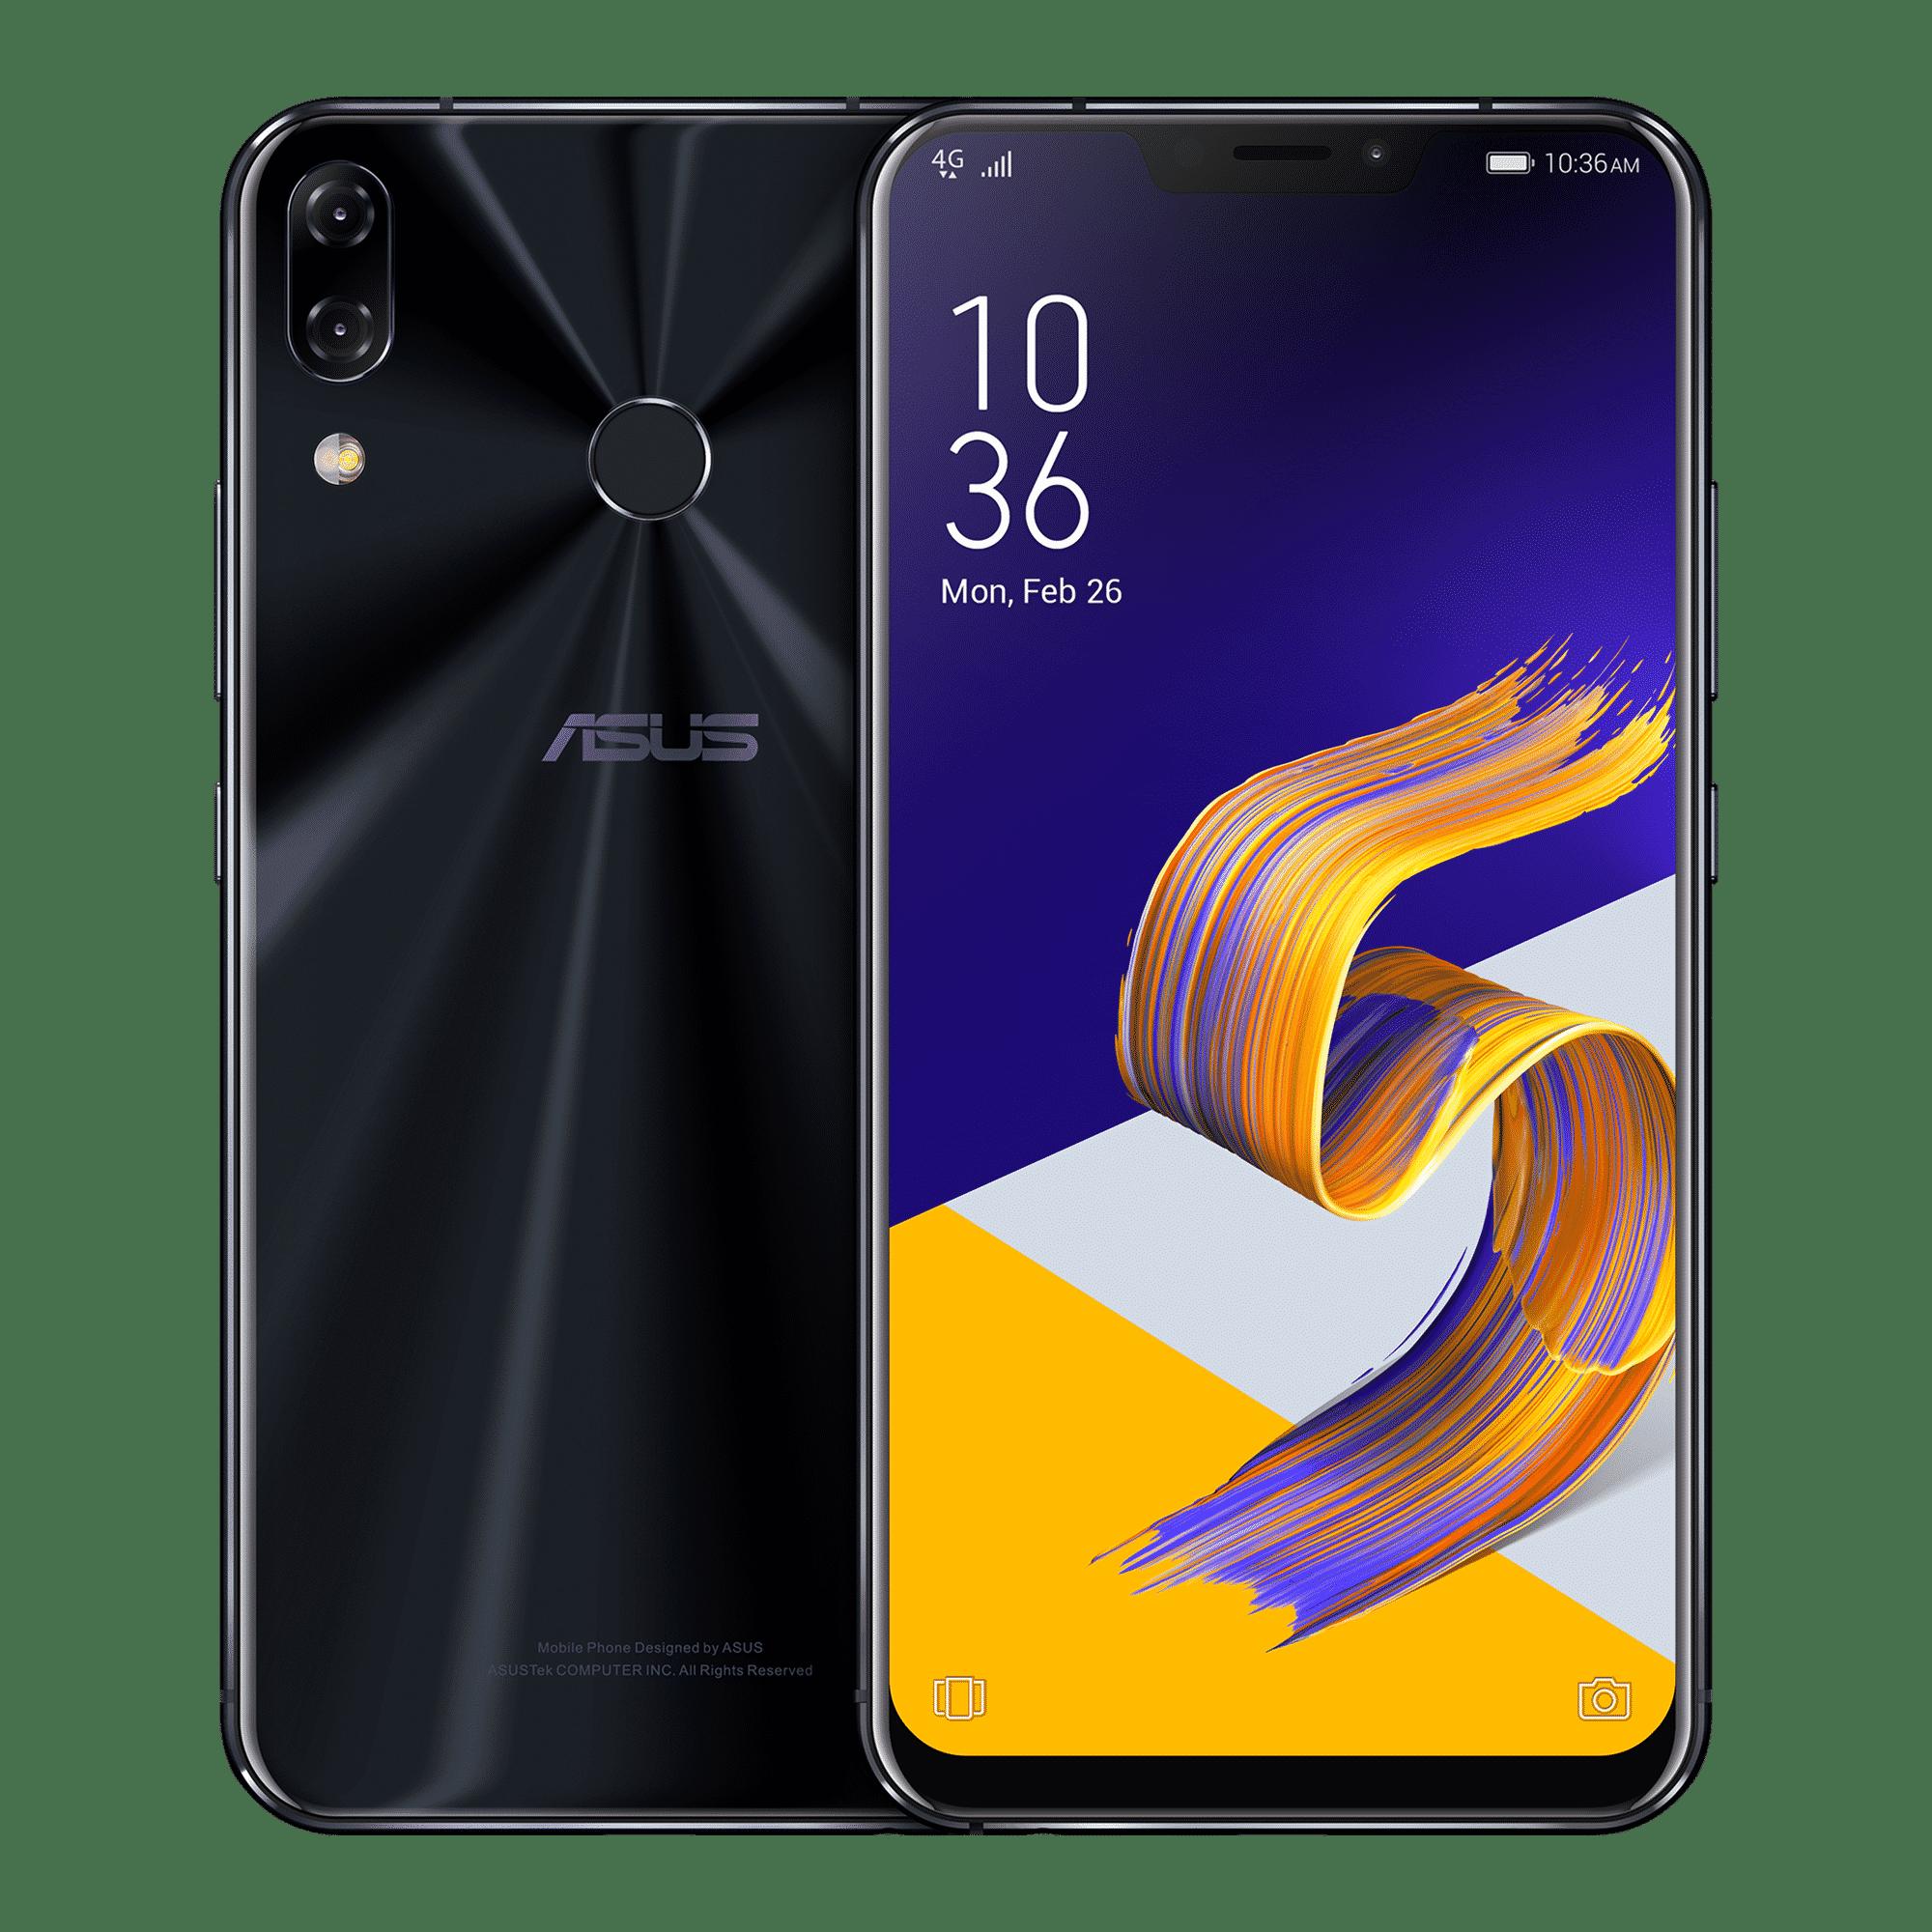 Asus-Zenfone-5-ZE620KL